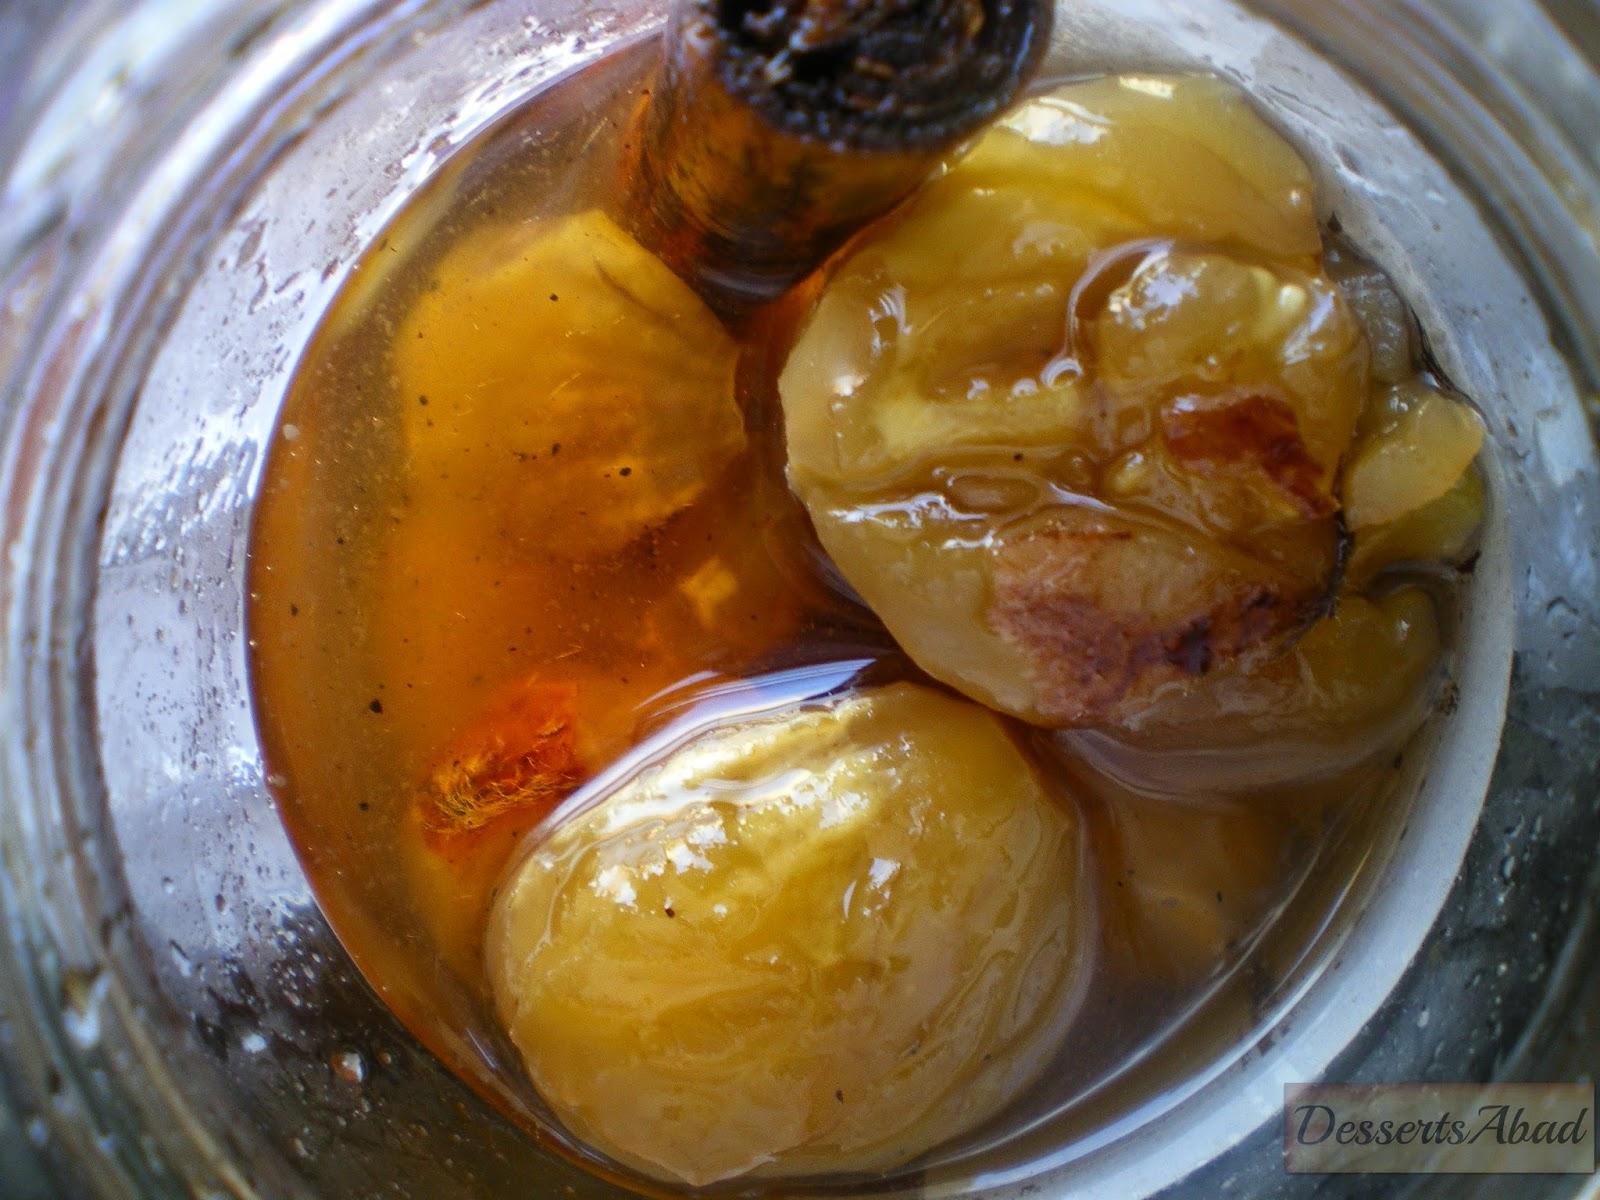 Castañas confitadas en tarro